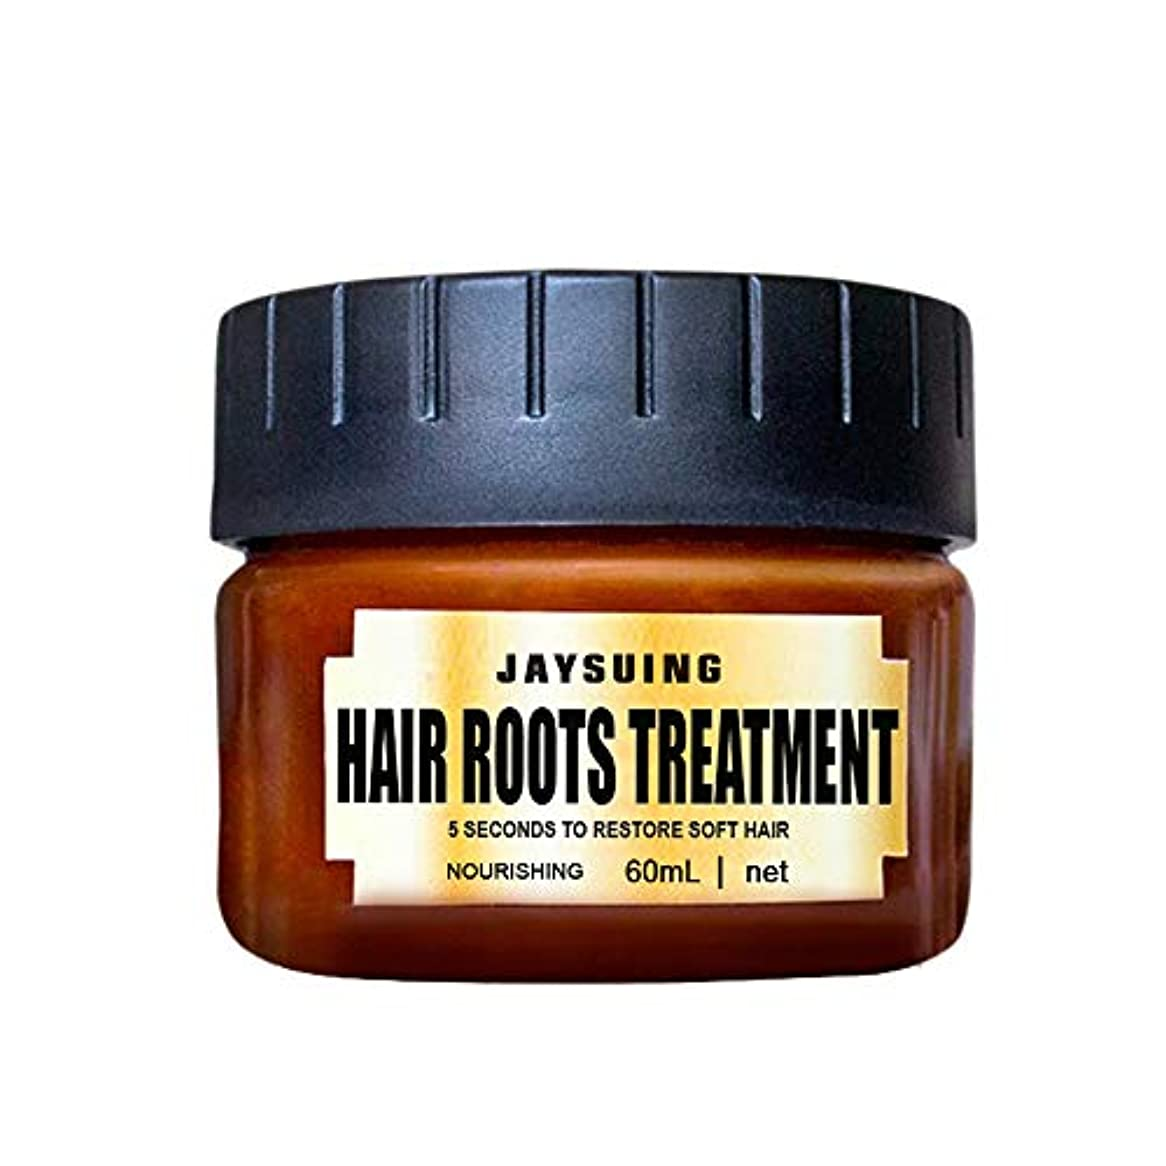 納税者あいまいさコックDOUJI天然植物成分 ヘアケア リッチリペア コンディショナー60mlダメージのある髪へ 髪の排毒ヘアマスク高度な分子毛根治療回復 髪の栄養素を補給トリートメント